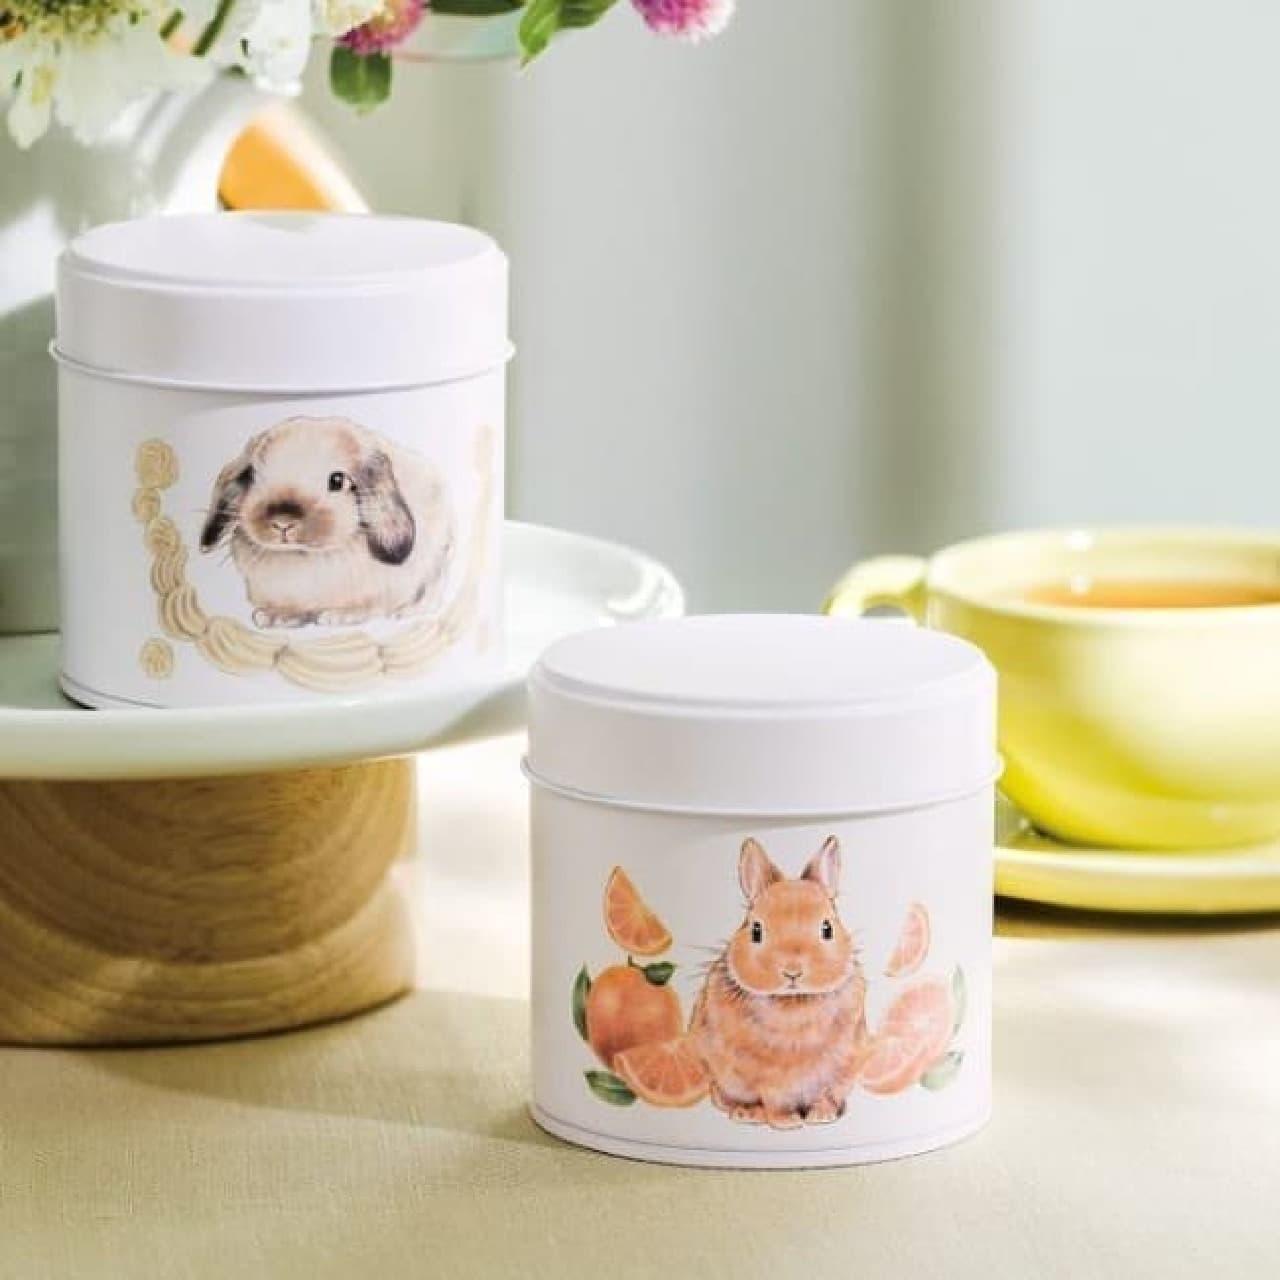 うさぎと楽しむティータイム♪ YOU+MORE!から可愛い缶入りのお茶 -- オレンジティーやバニラ&クリームティーなど